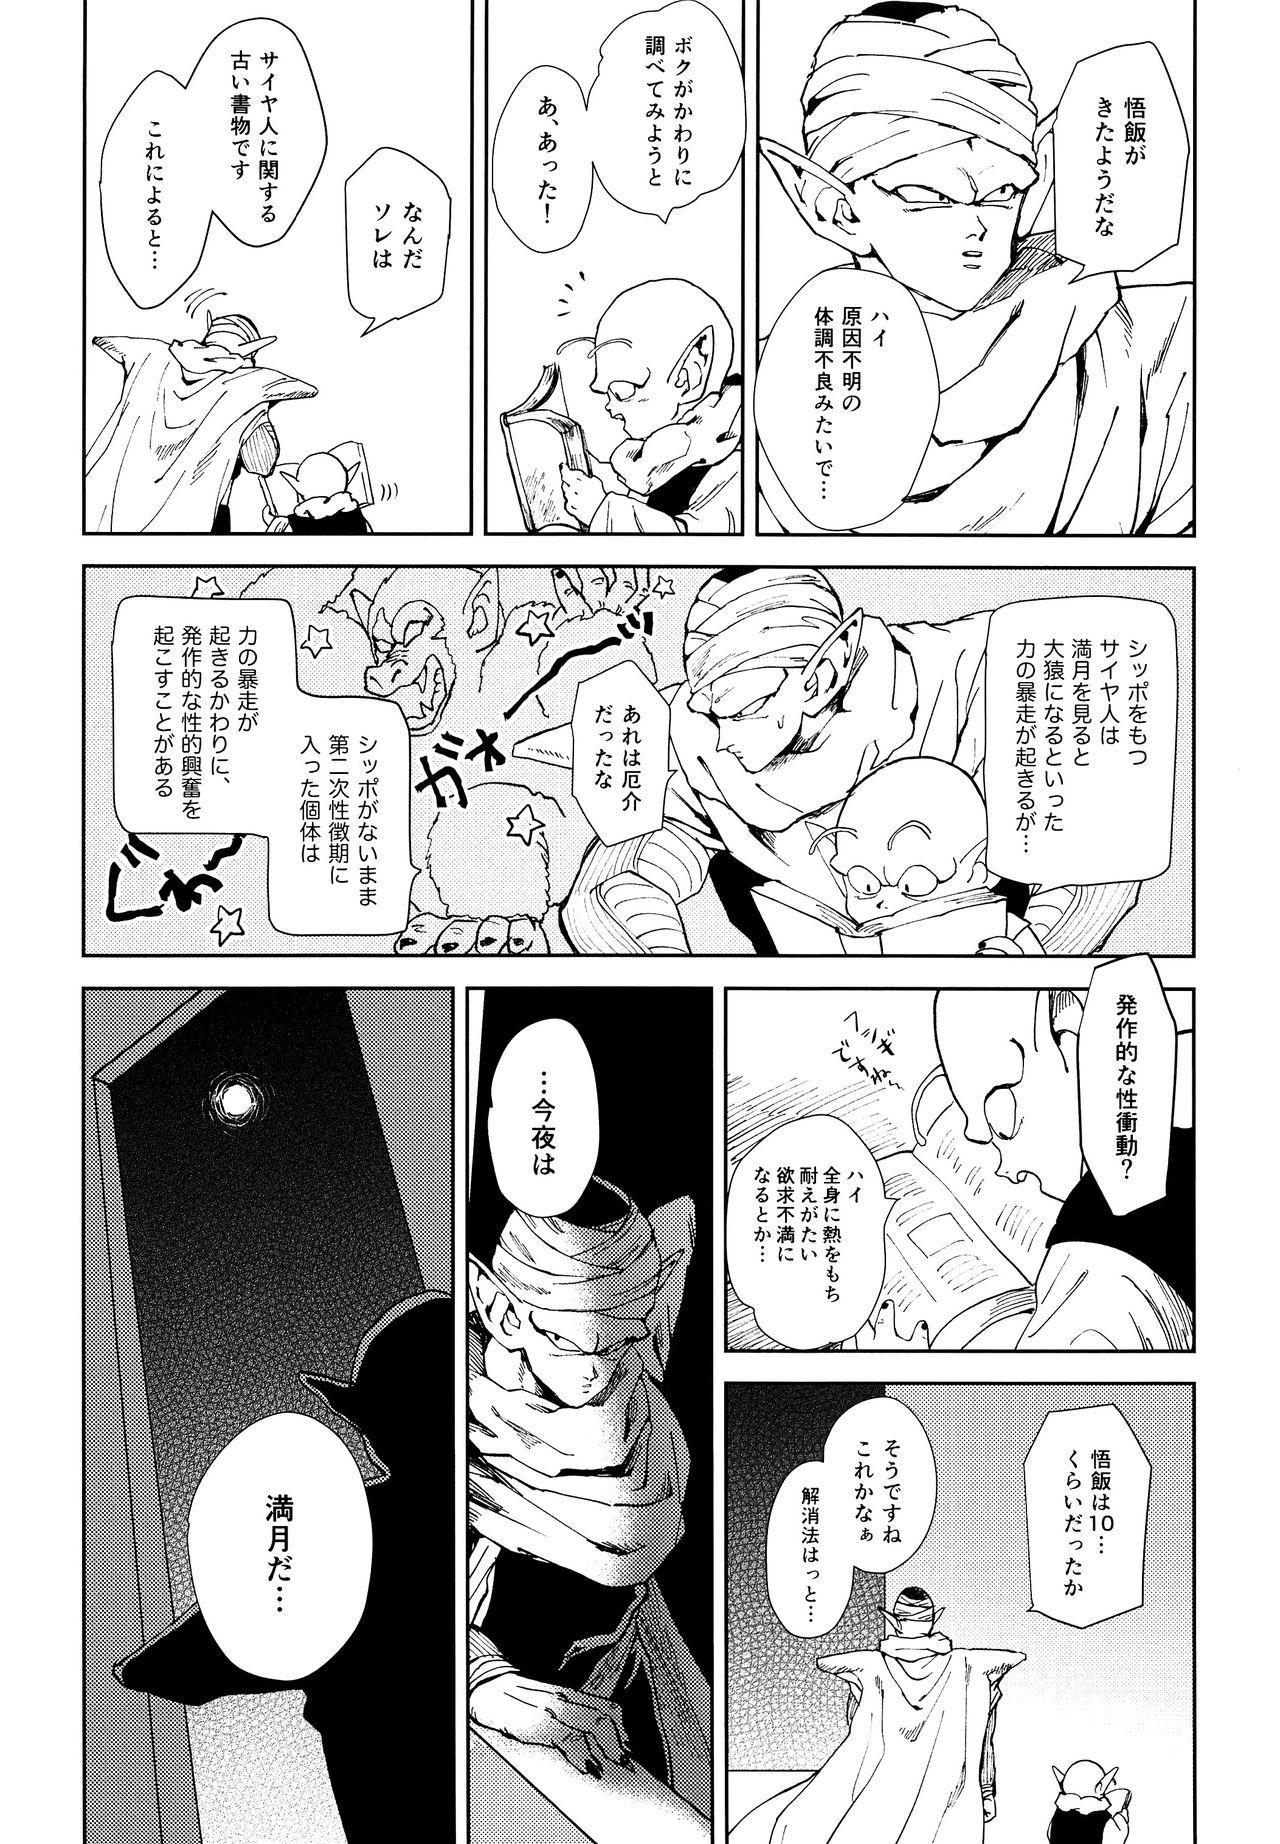 Tsuki ni Somuite 4